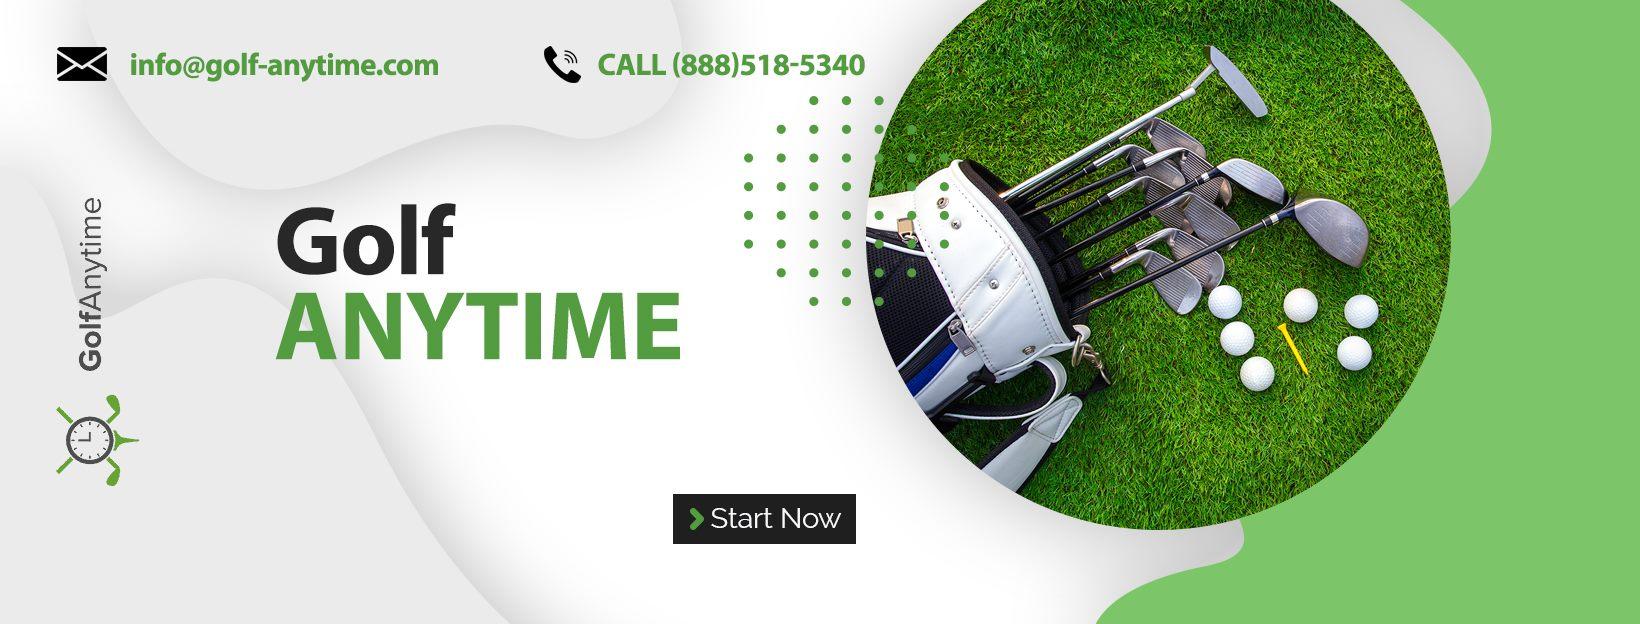 golf hitting mats online